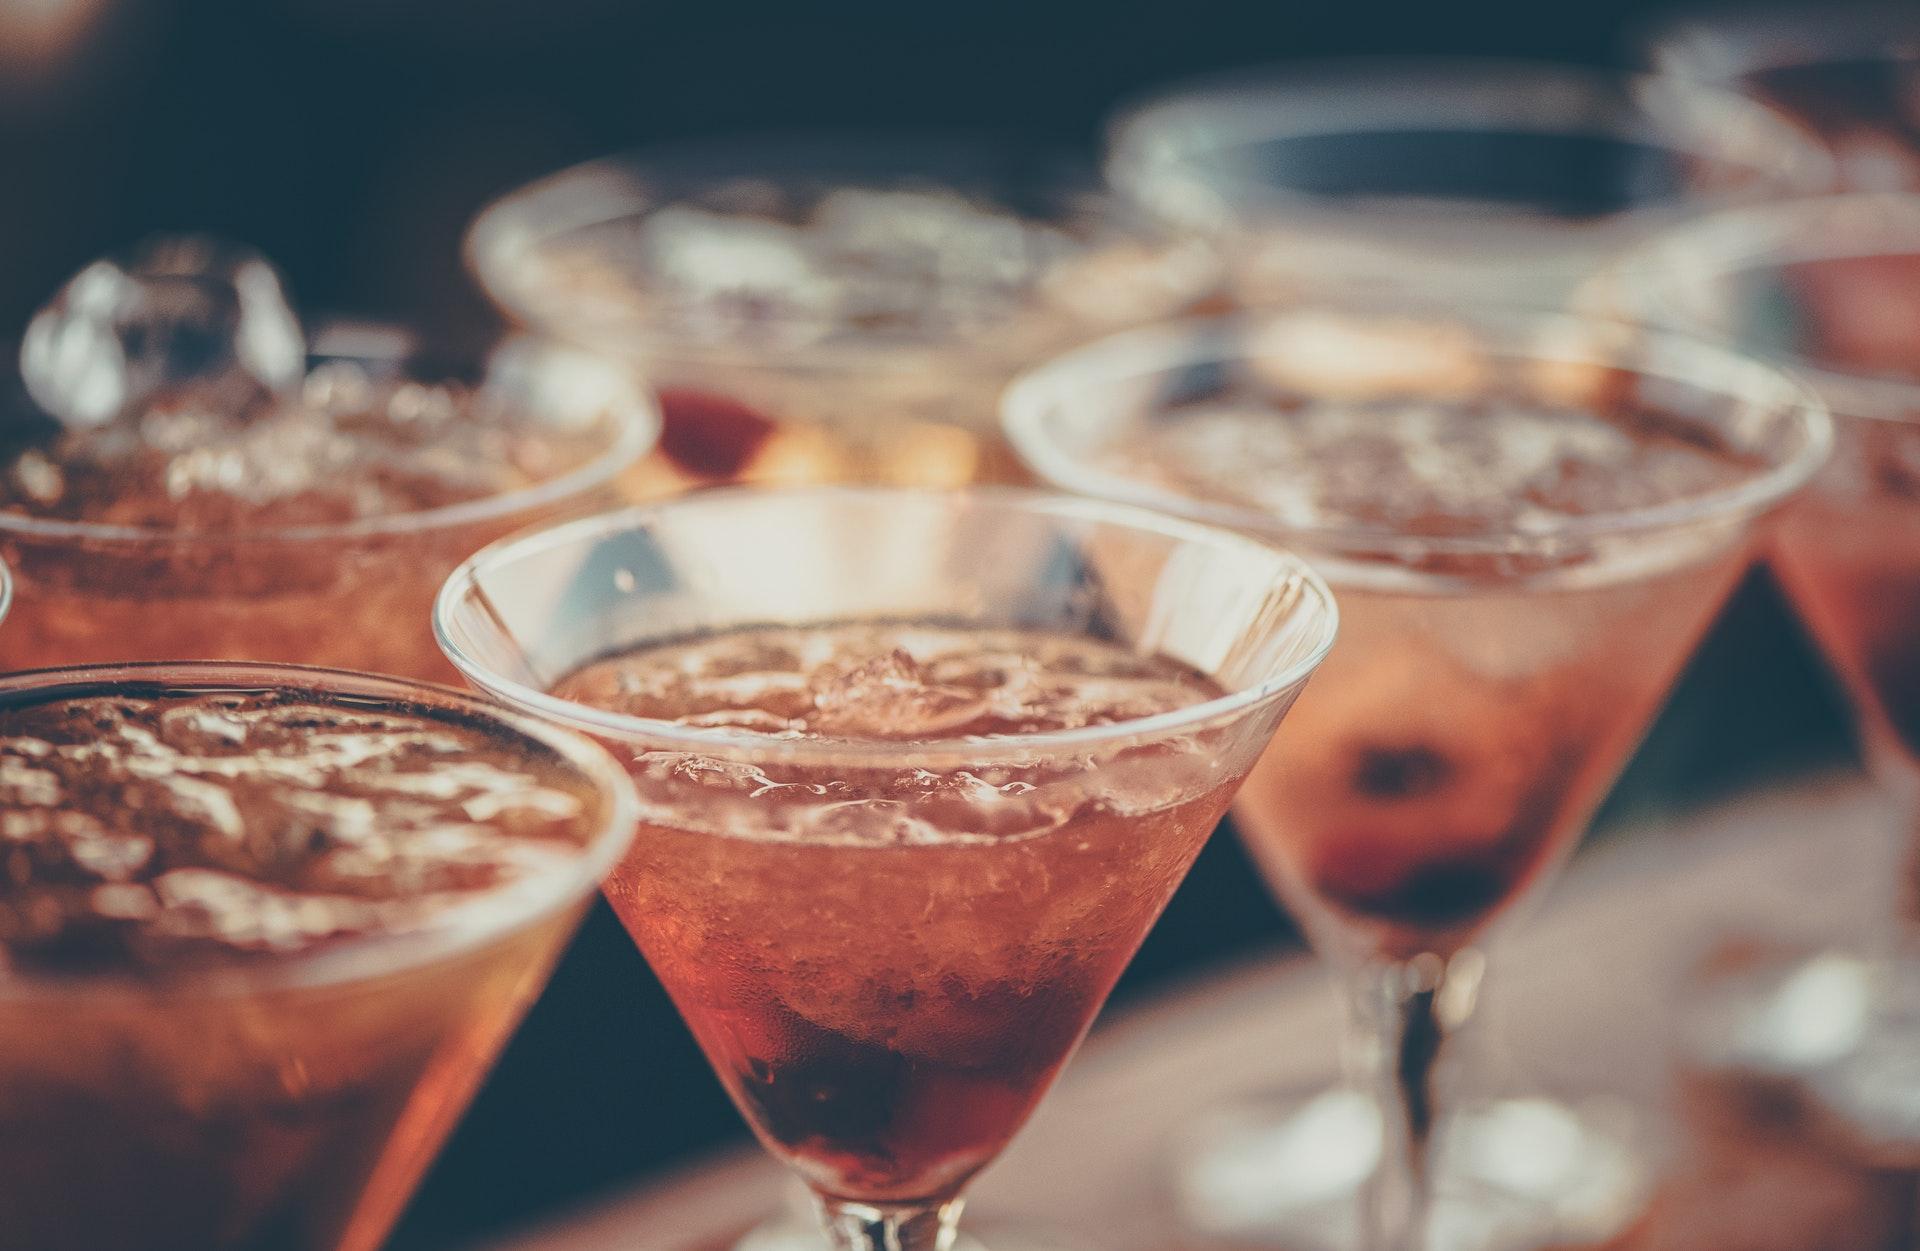 グラスに注がれた飲み物